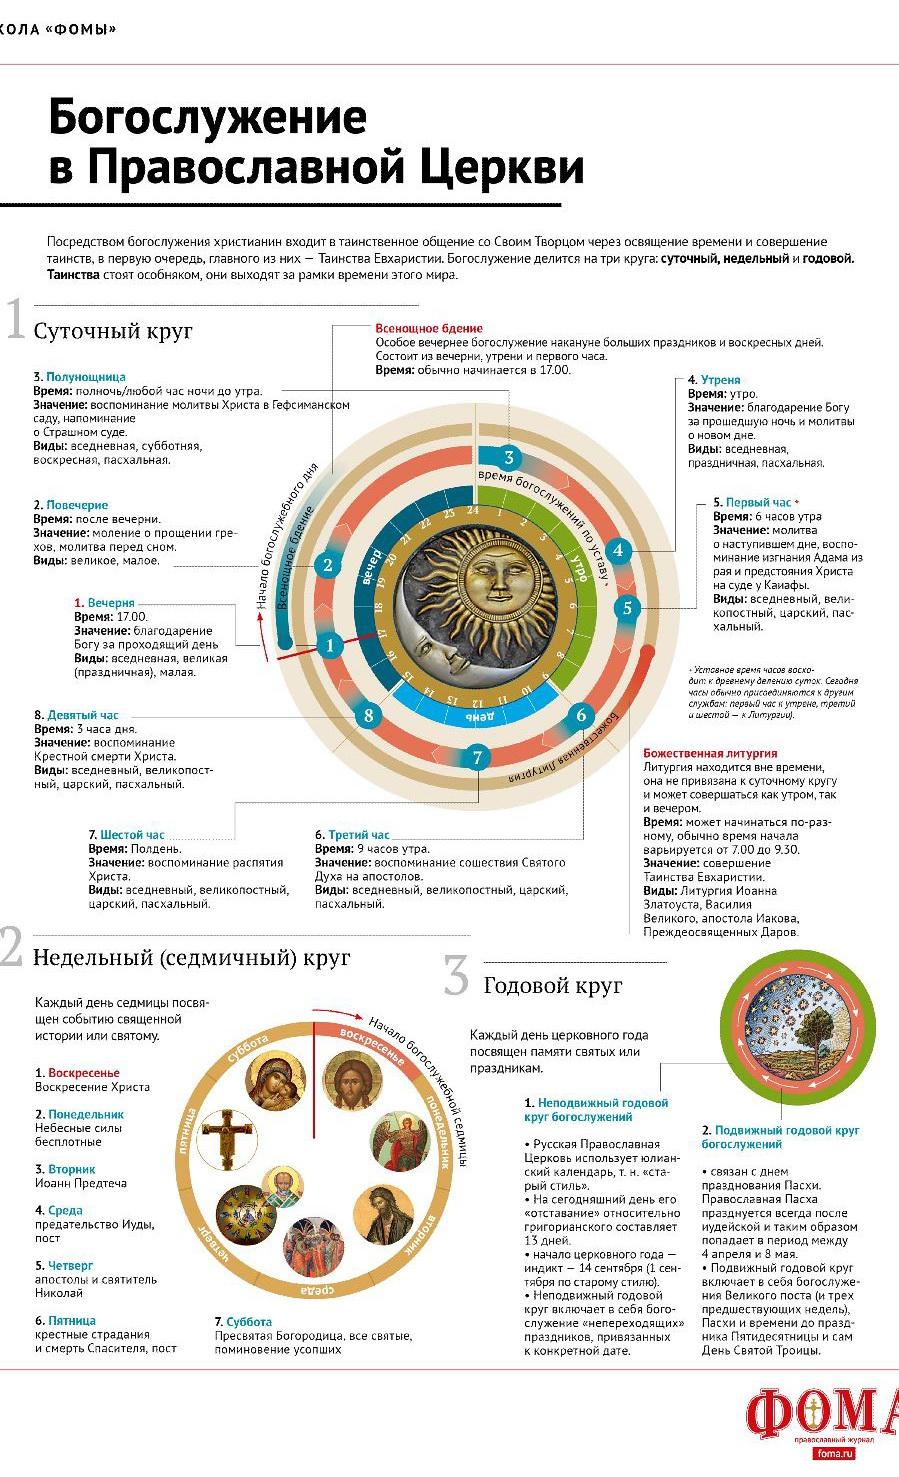 Как проходит литургия (теория)